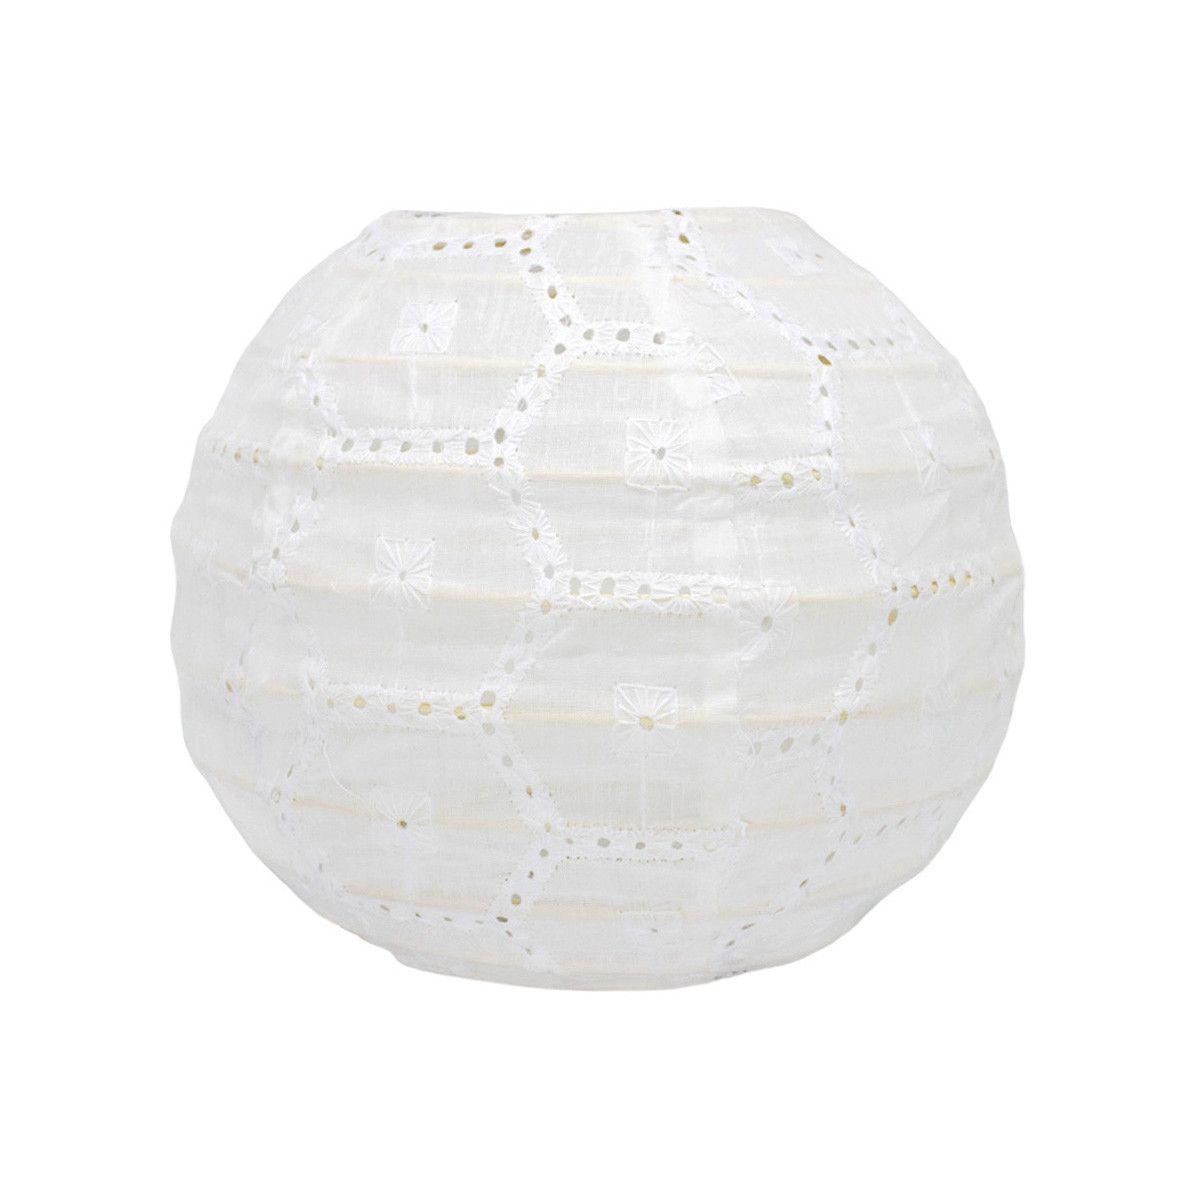 Lampion tissu boule japonaise mini rond blanc ajouré